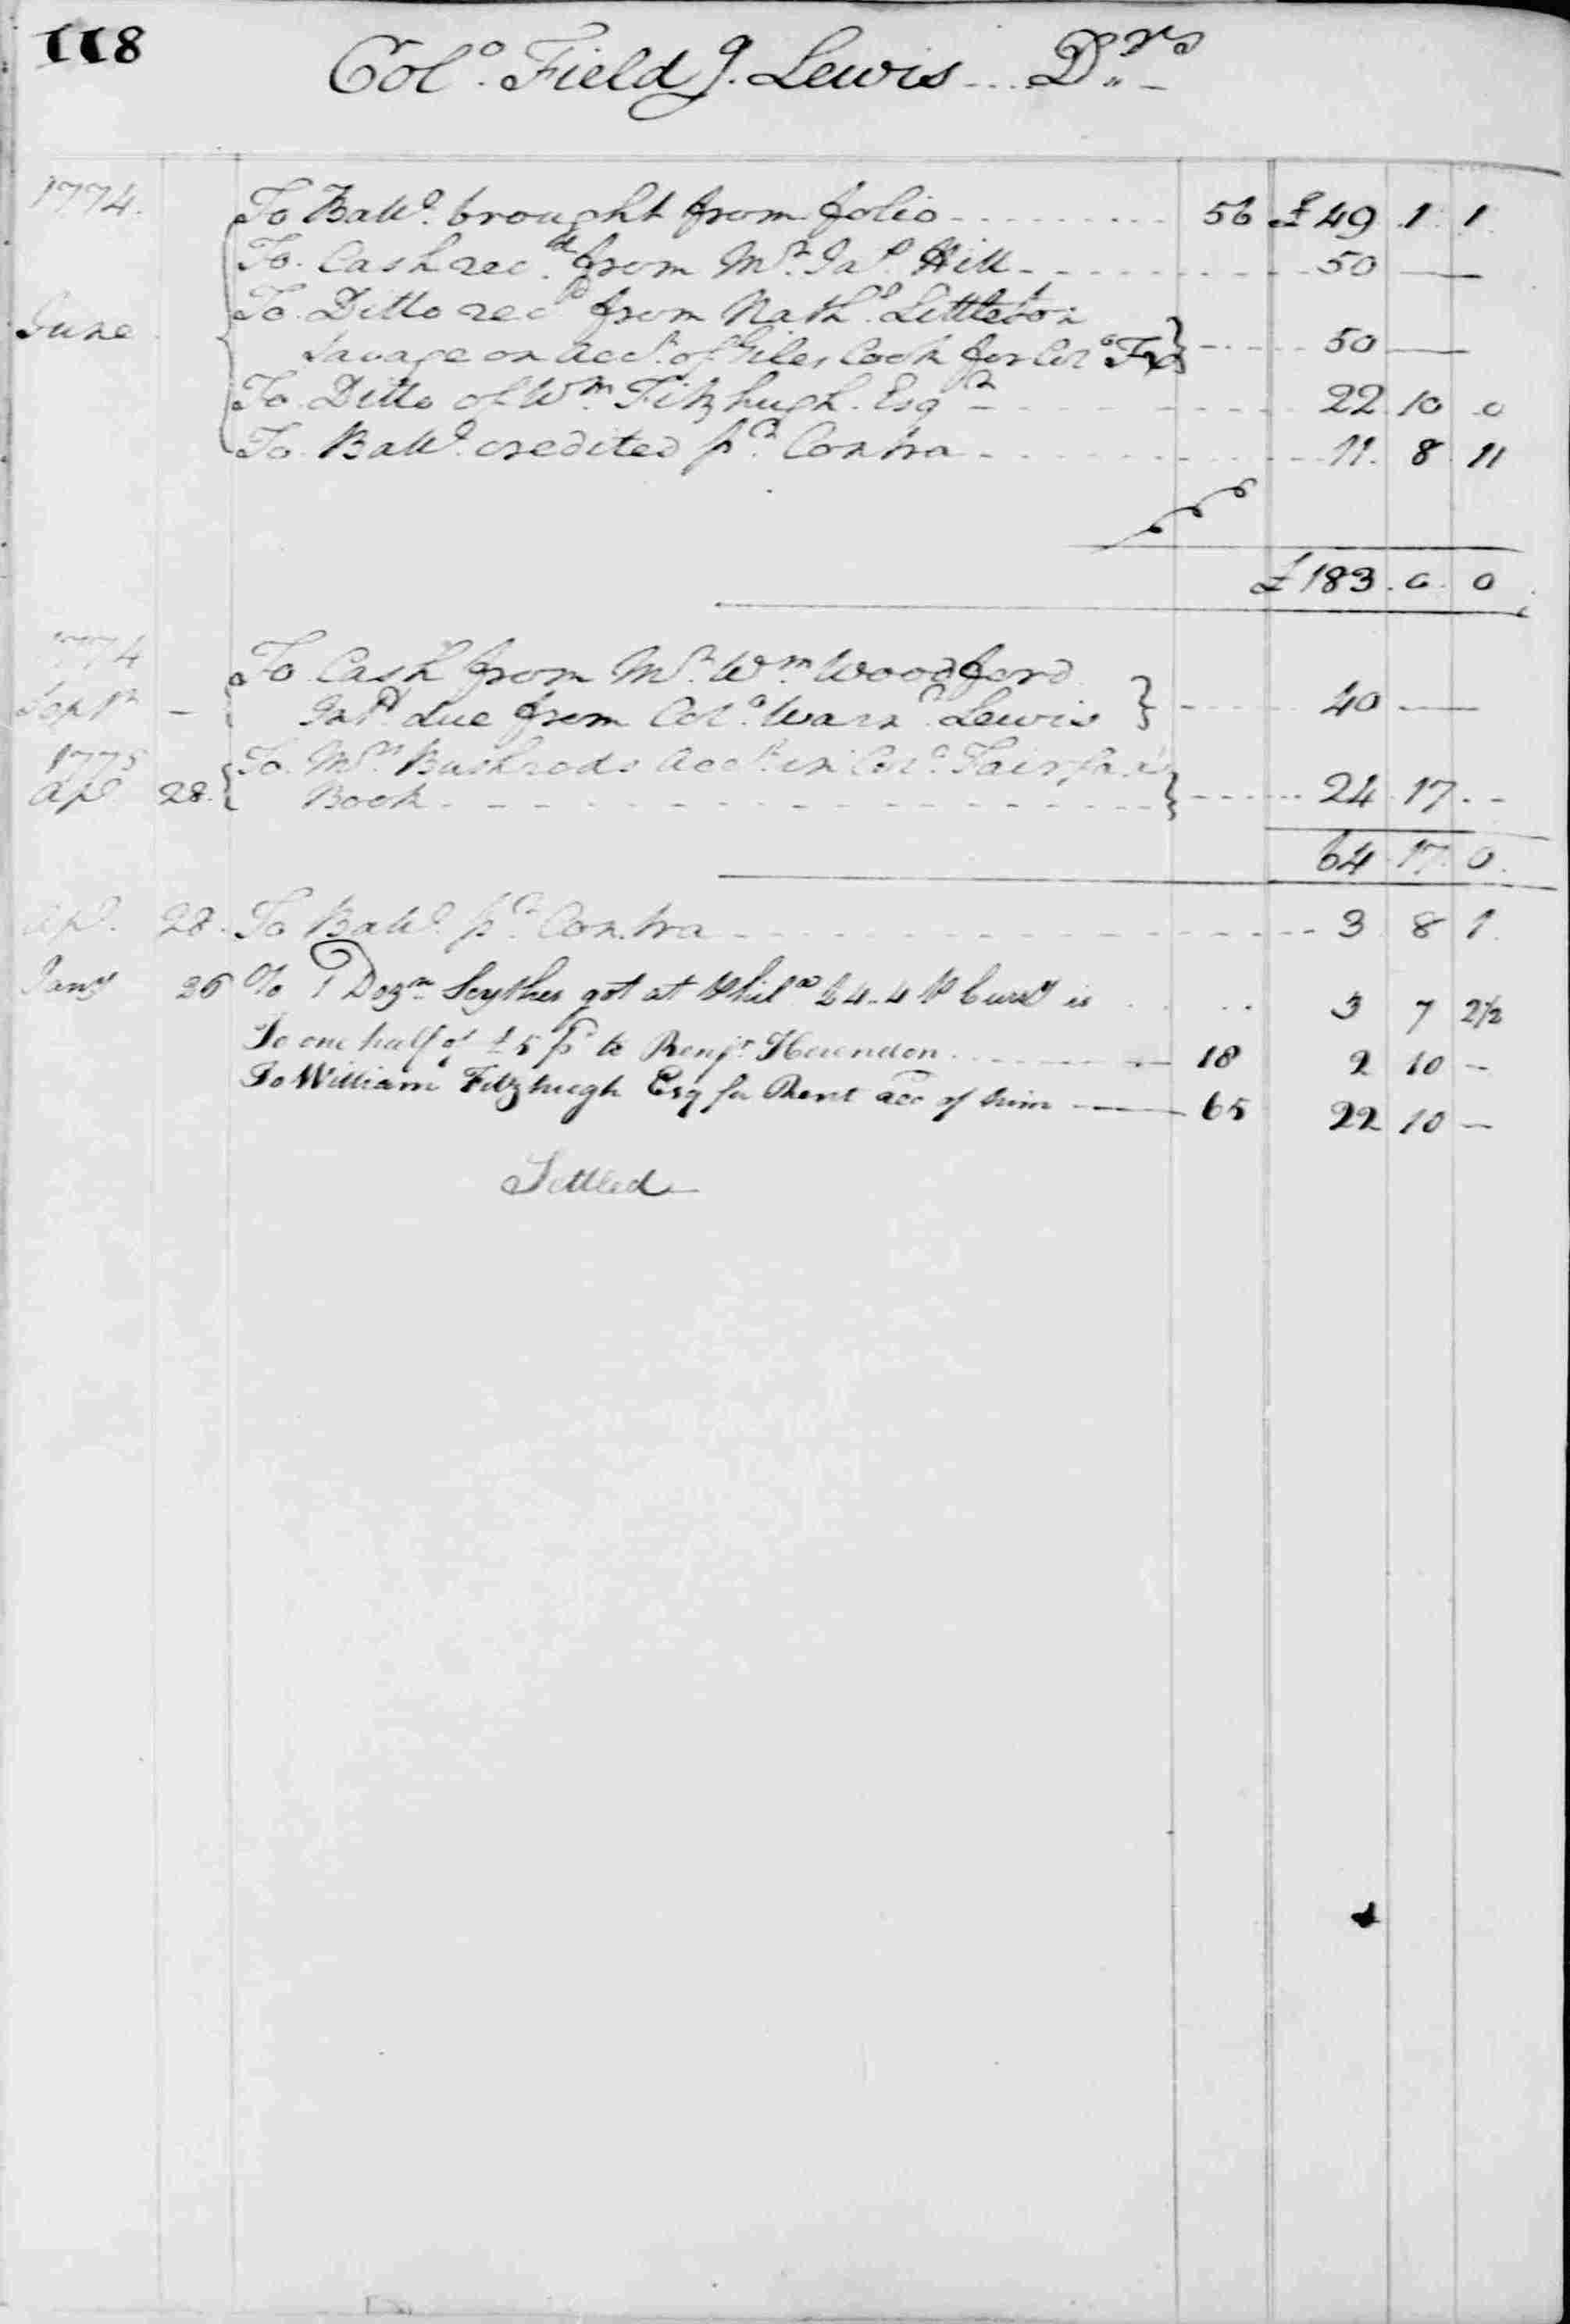 Ledger B, folio 118, left side